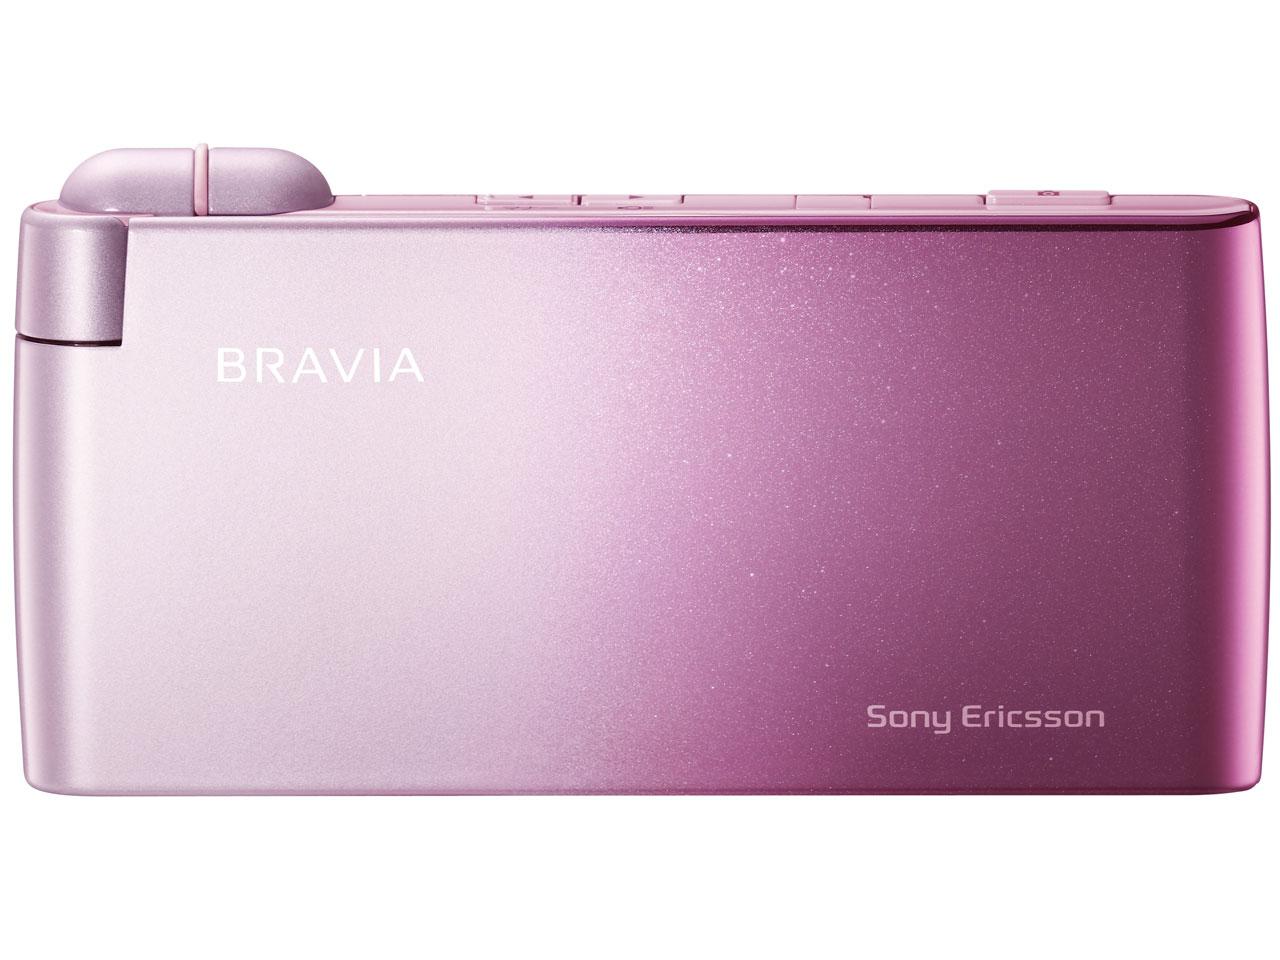 『本体 閉じ 正面1』 BRAVIA Phone S005 [シュガーピンク] の製品画像